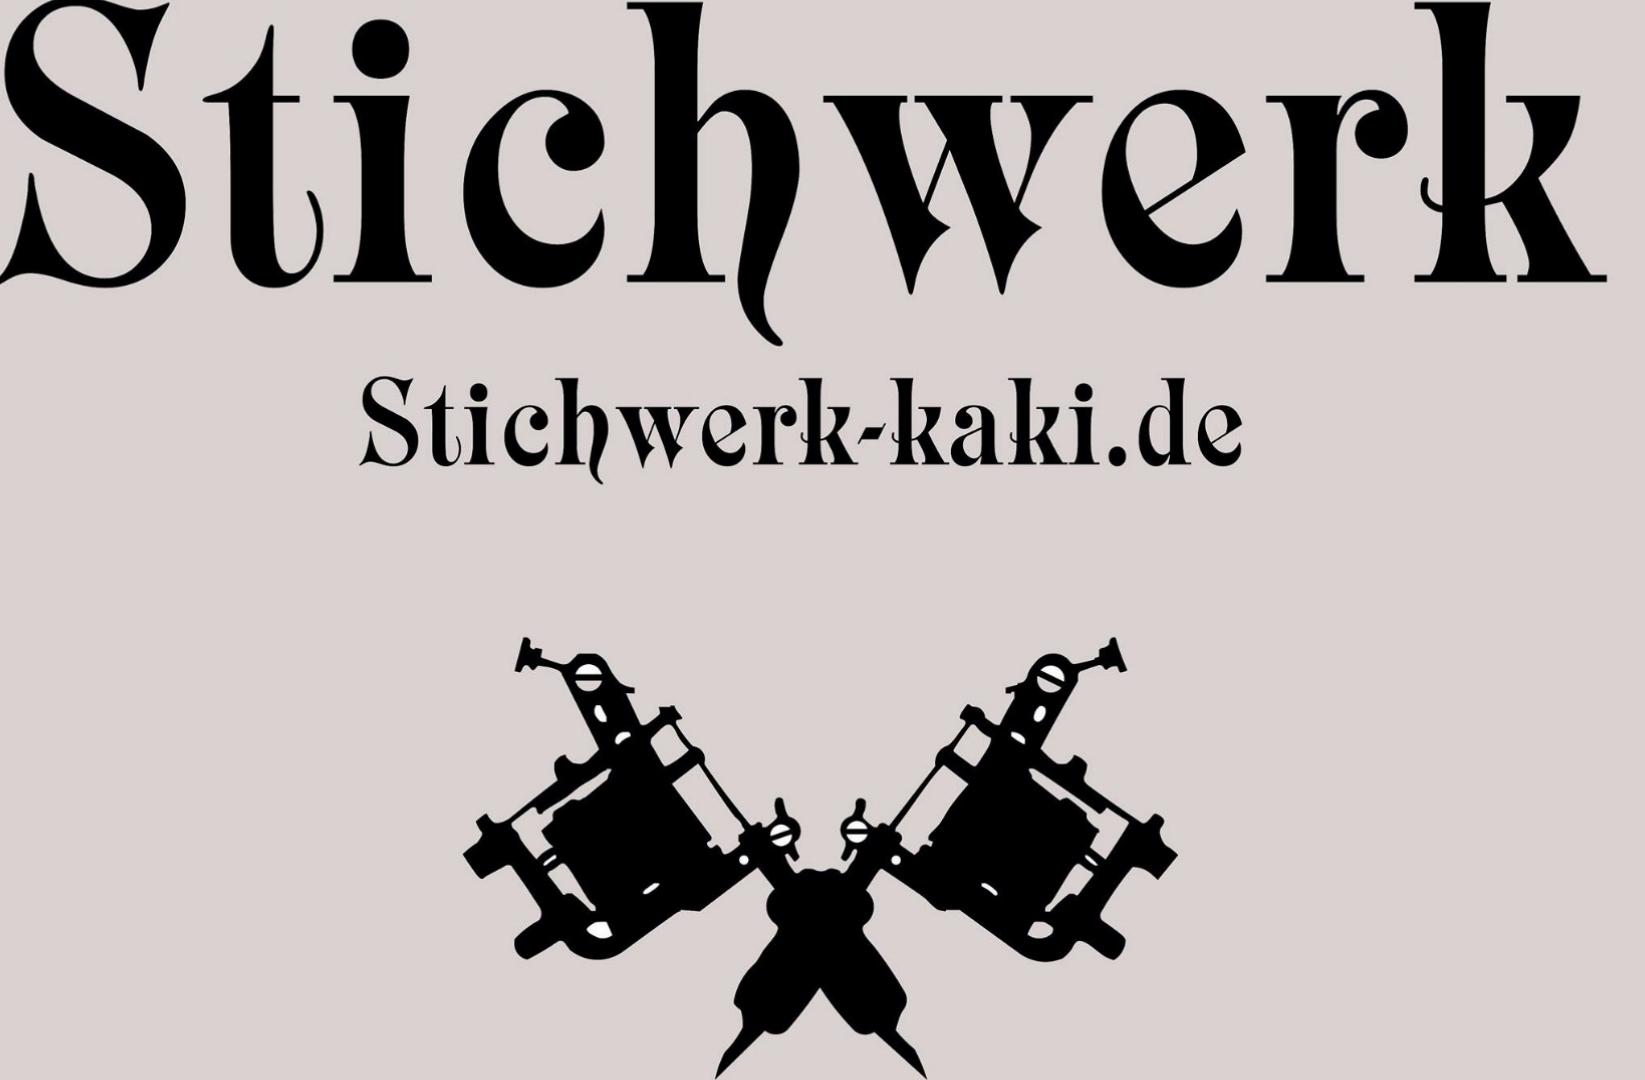 https://www.facebook.com/Stichwerk-Kaki-174839303010010/